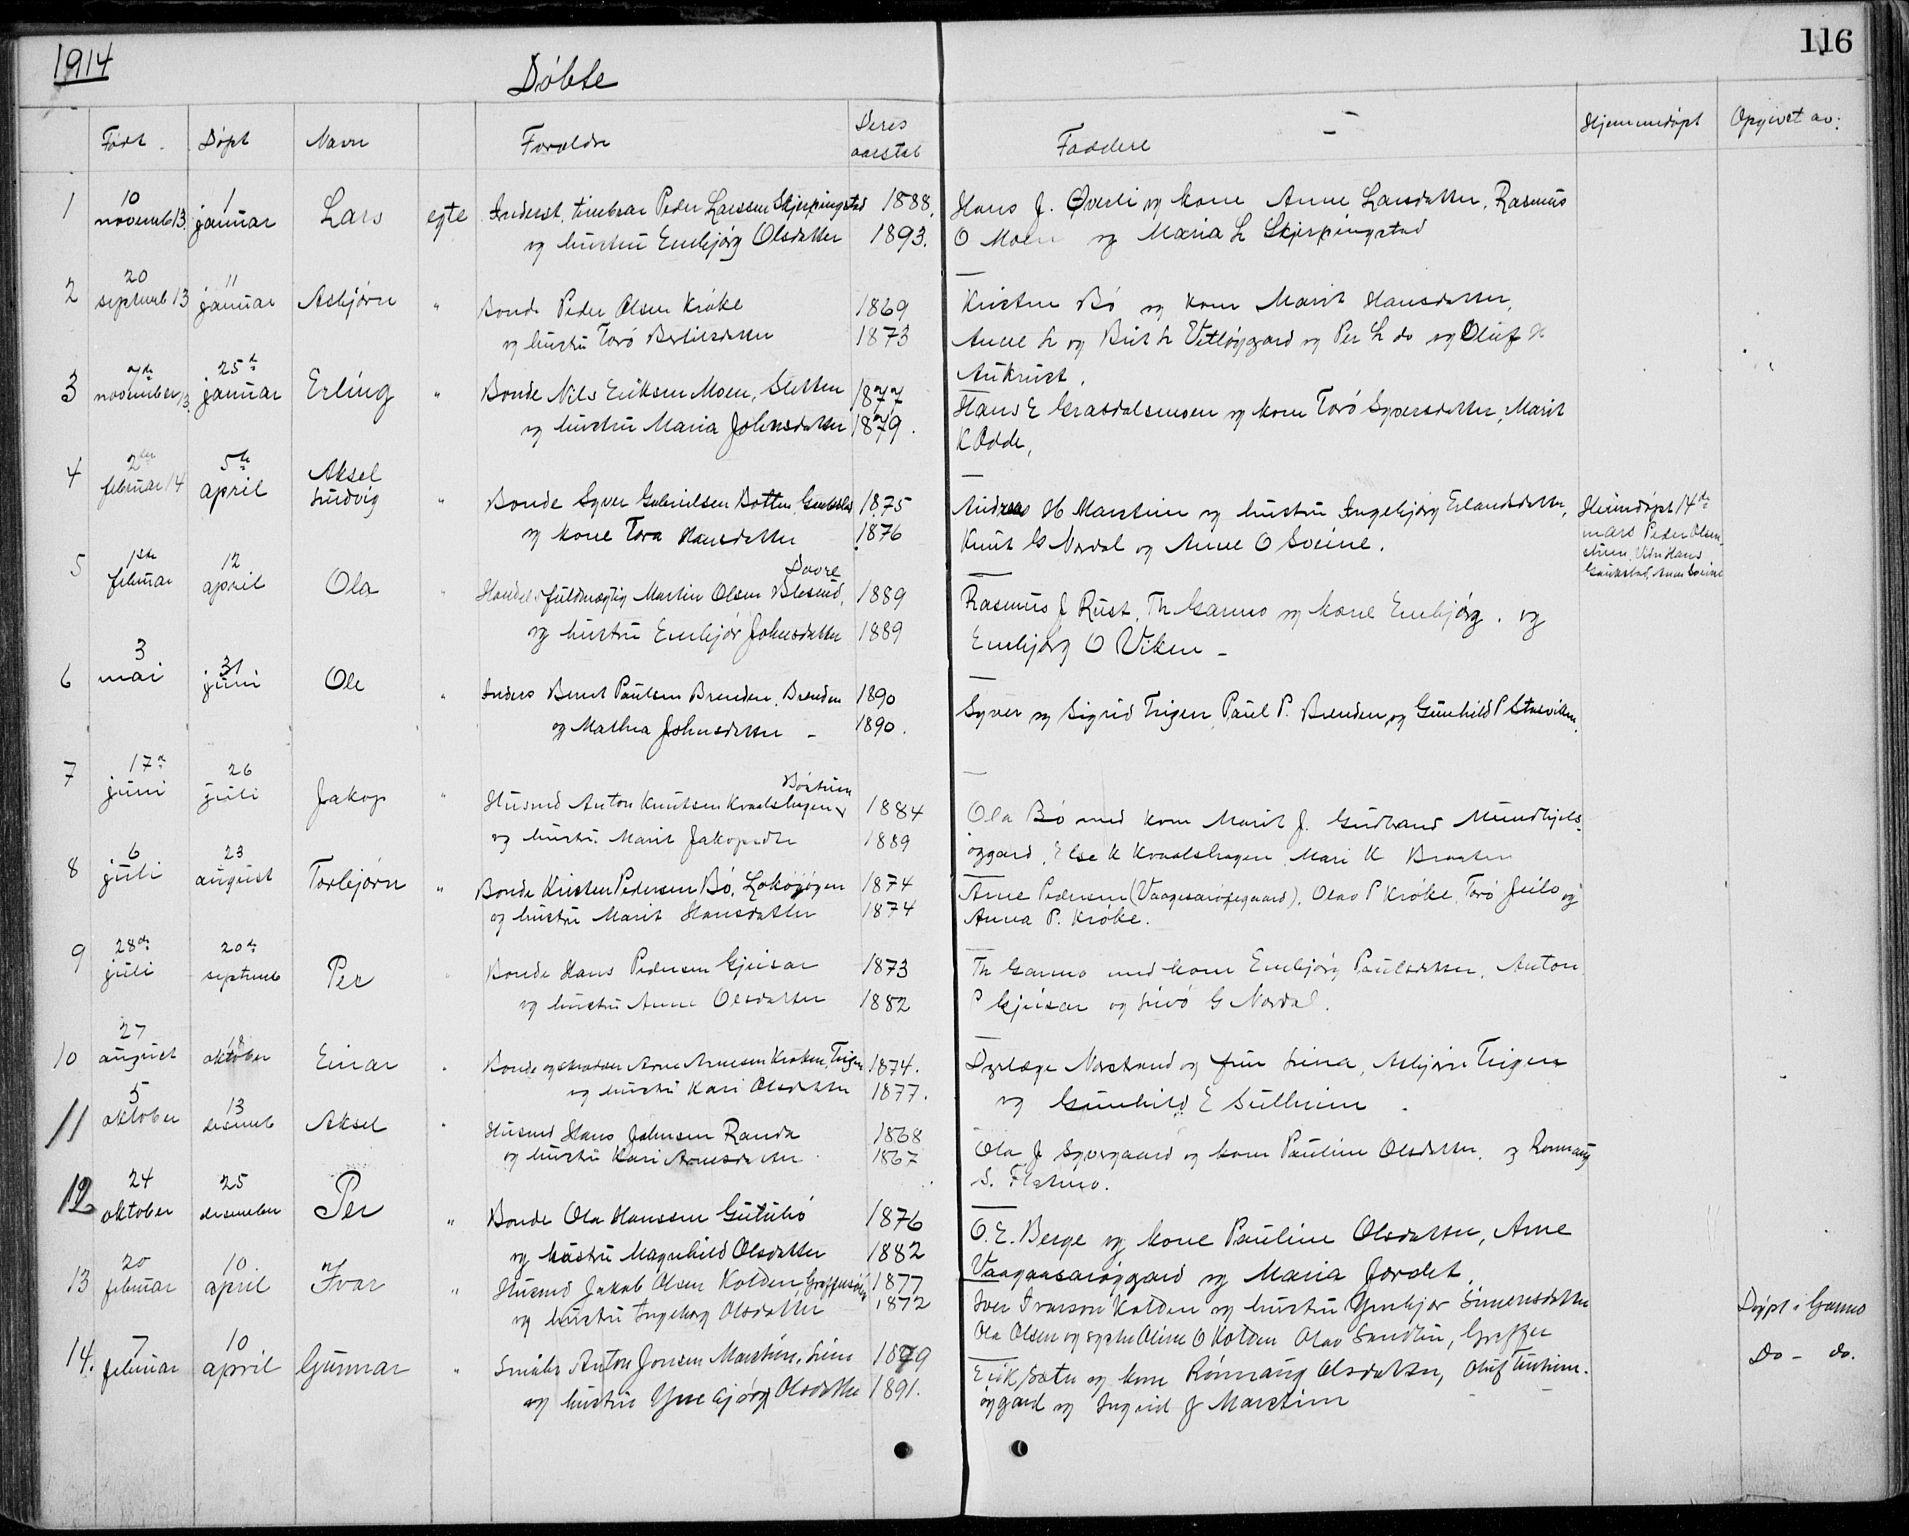 SAH, Lom prestekontor, L/L0013: Klokkerbok nr. 13, 1874-1938, s. 116